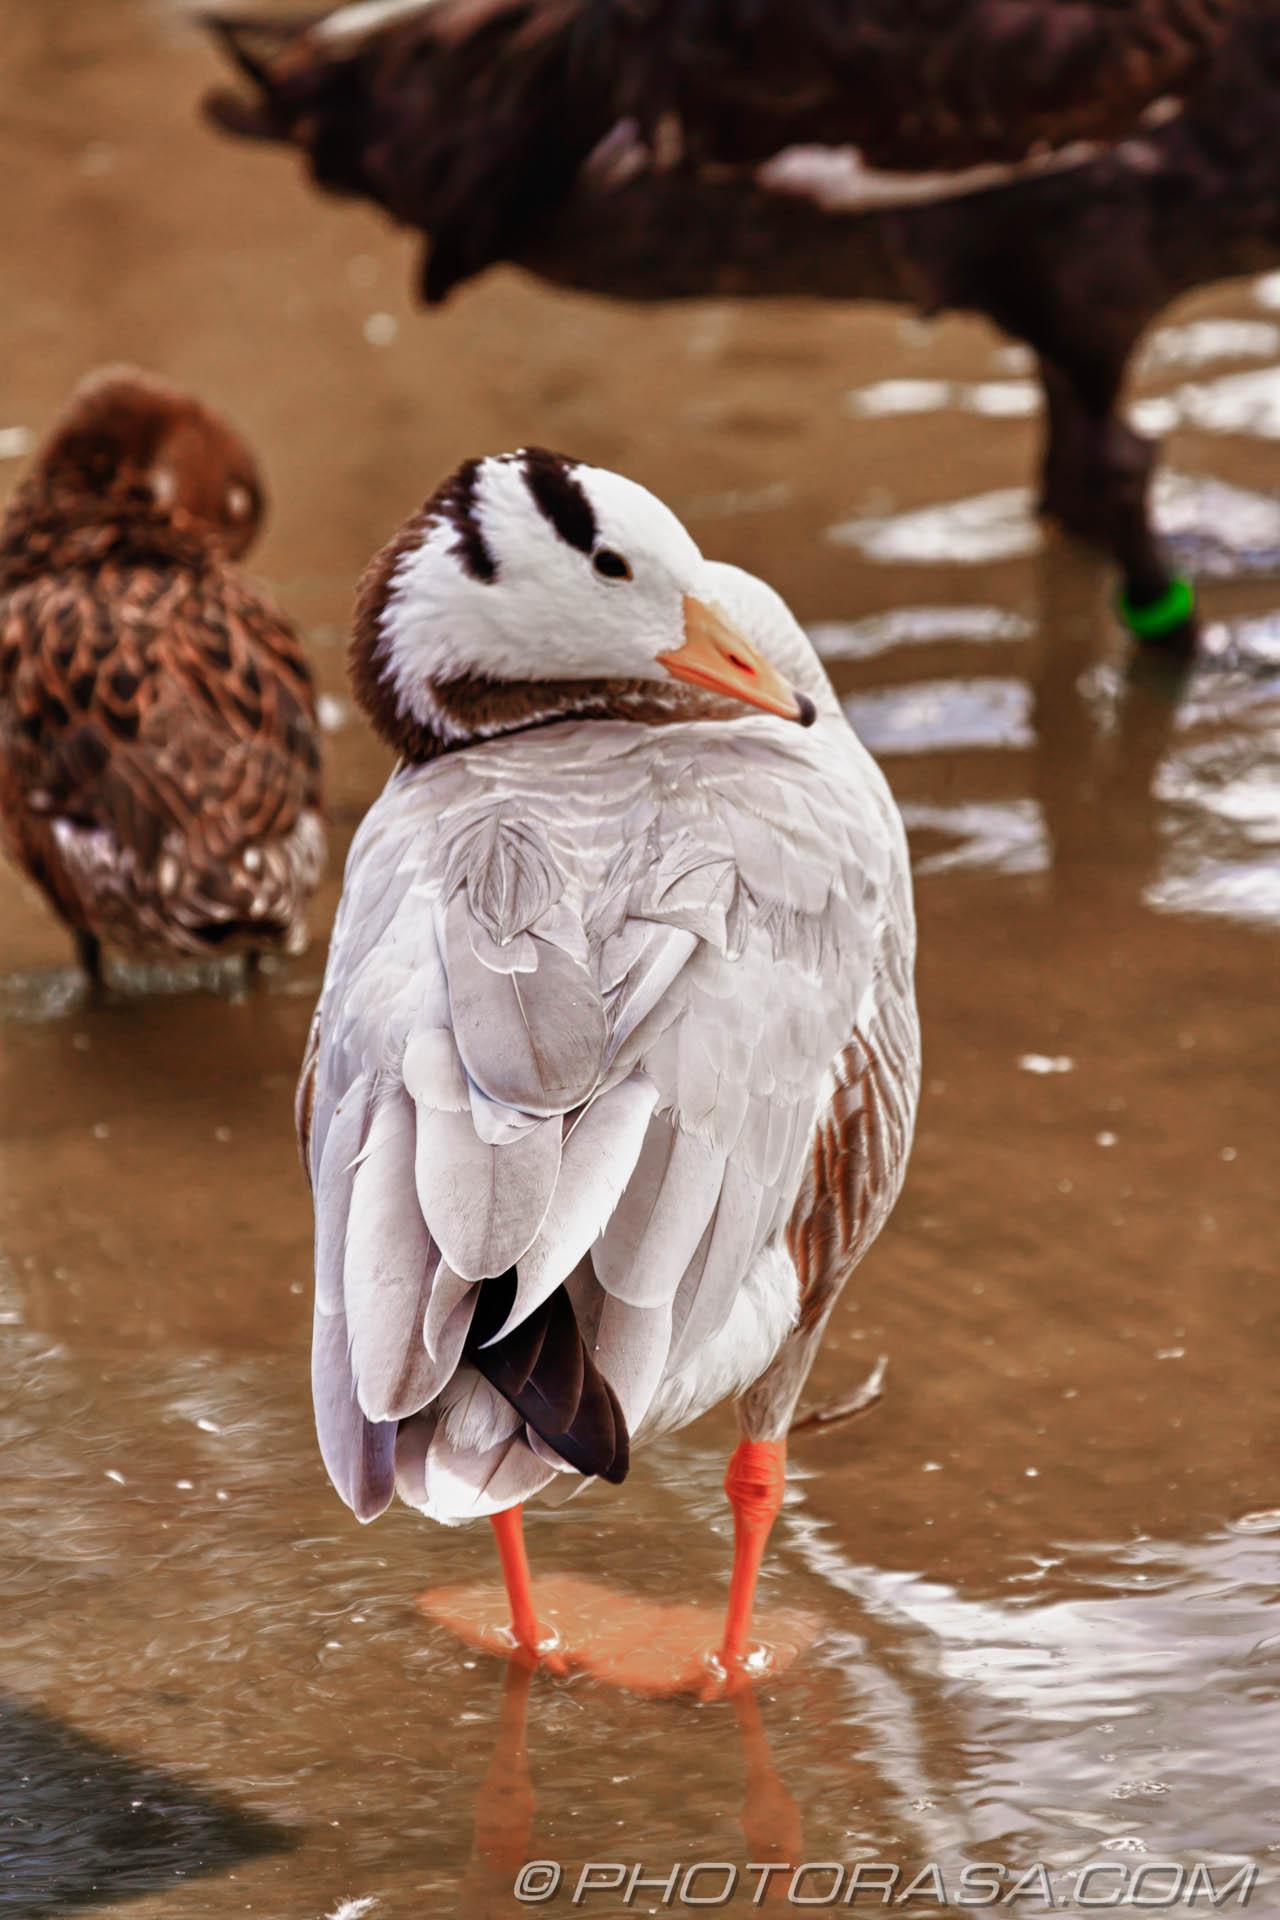 http://photorasa.com/birds-greenworld/boa-headed-goose/